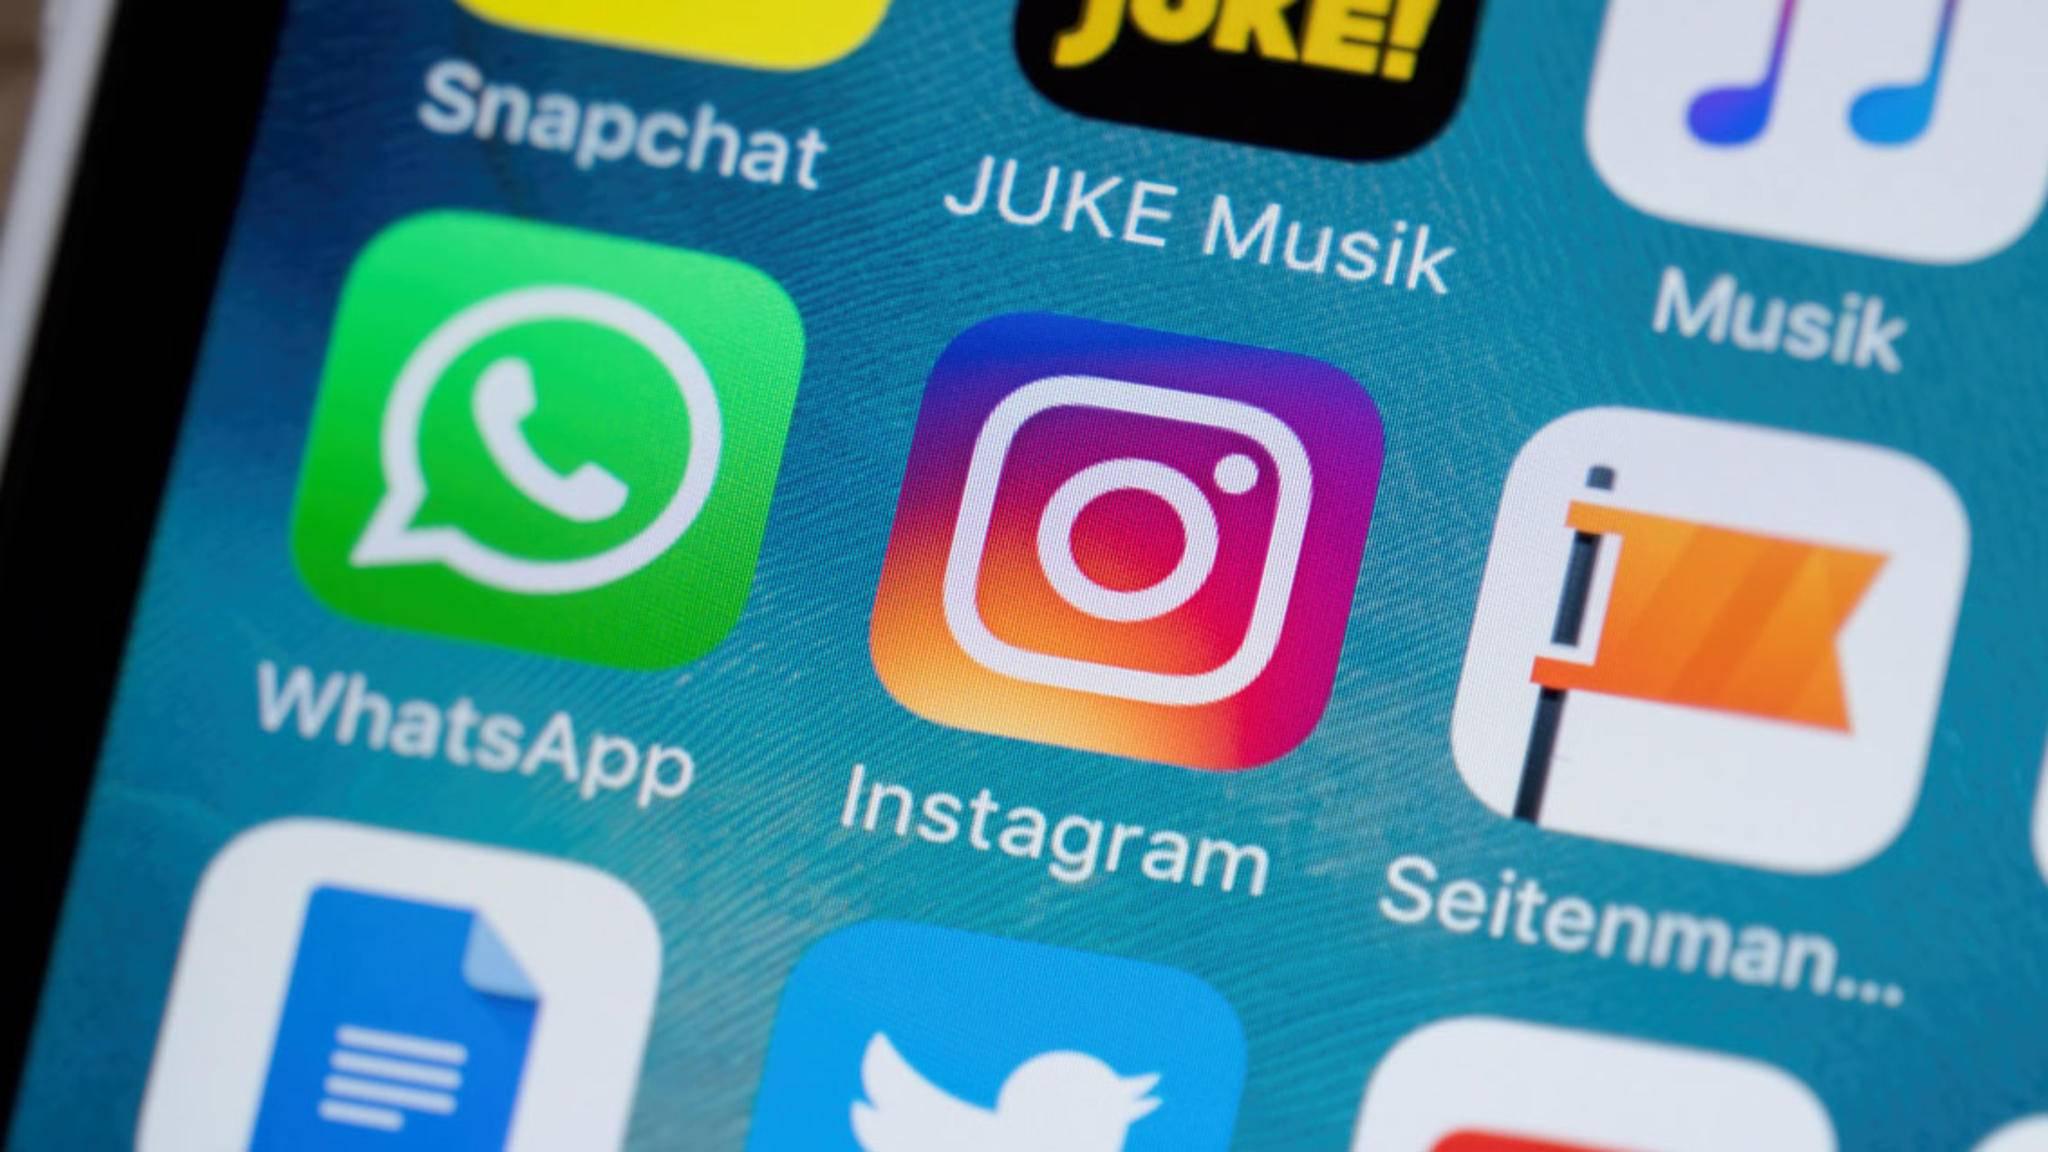 Neue Beiträge sollen in Instagram ab sofort zuerst angezeigt werden.